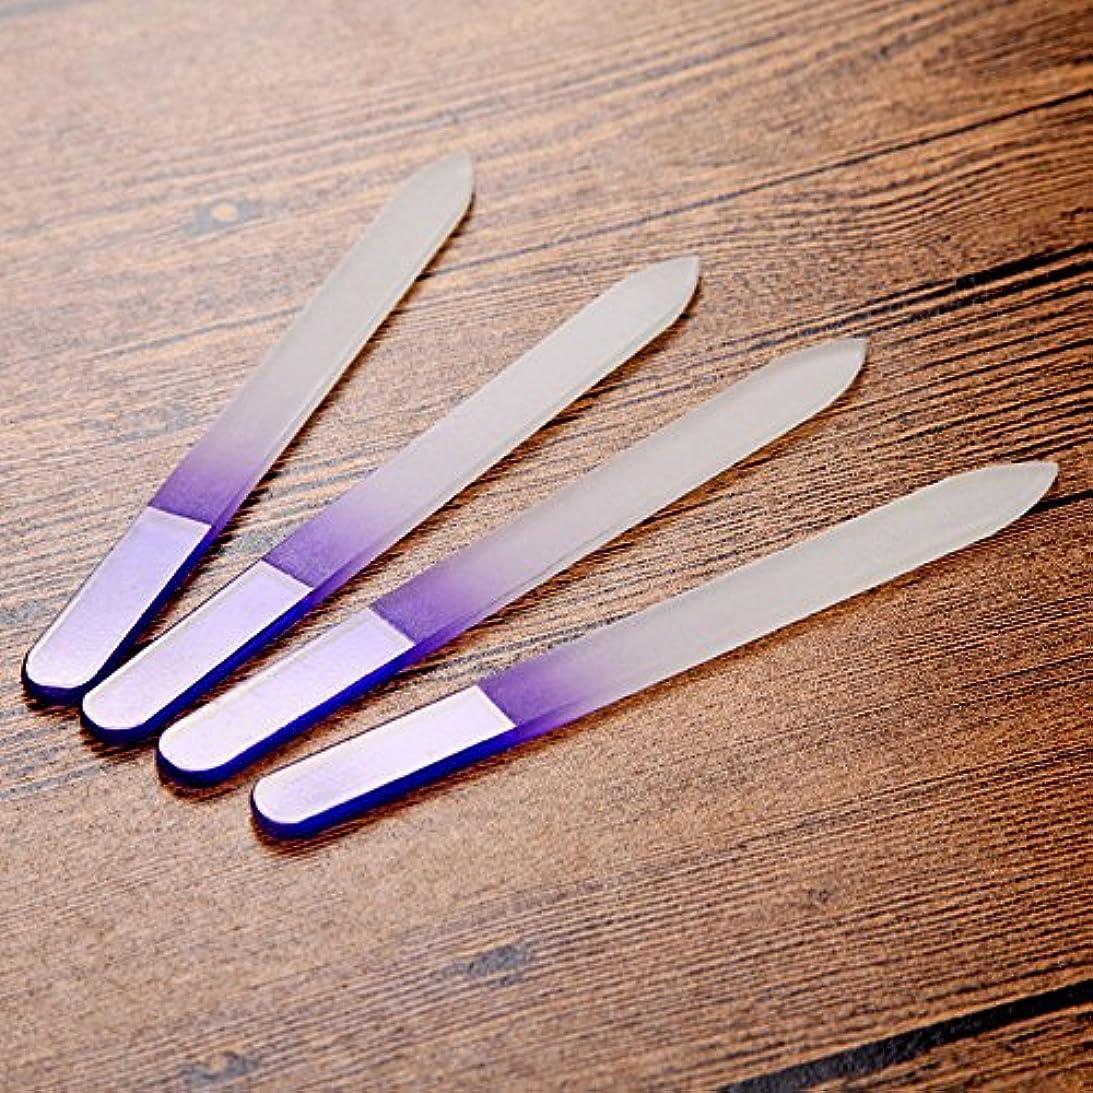 退屈中にリル爪やすり 爪磨き ガラス製 専用 ケース付 ネイル ケア 水洗い可 携帯用 つめやすり パープル 4点セット